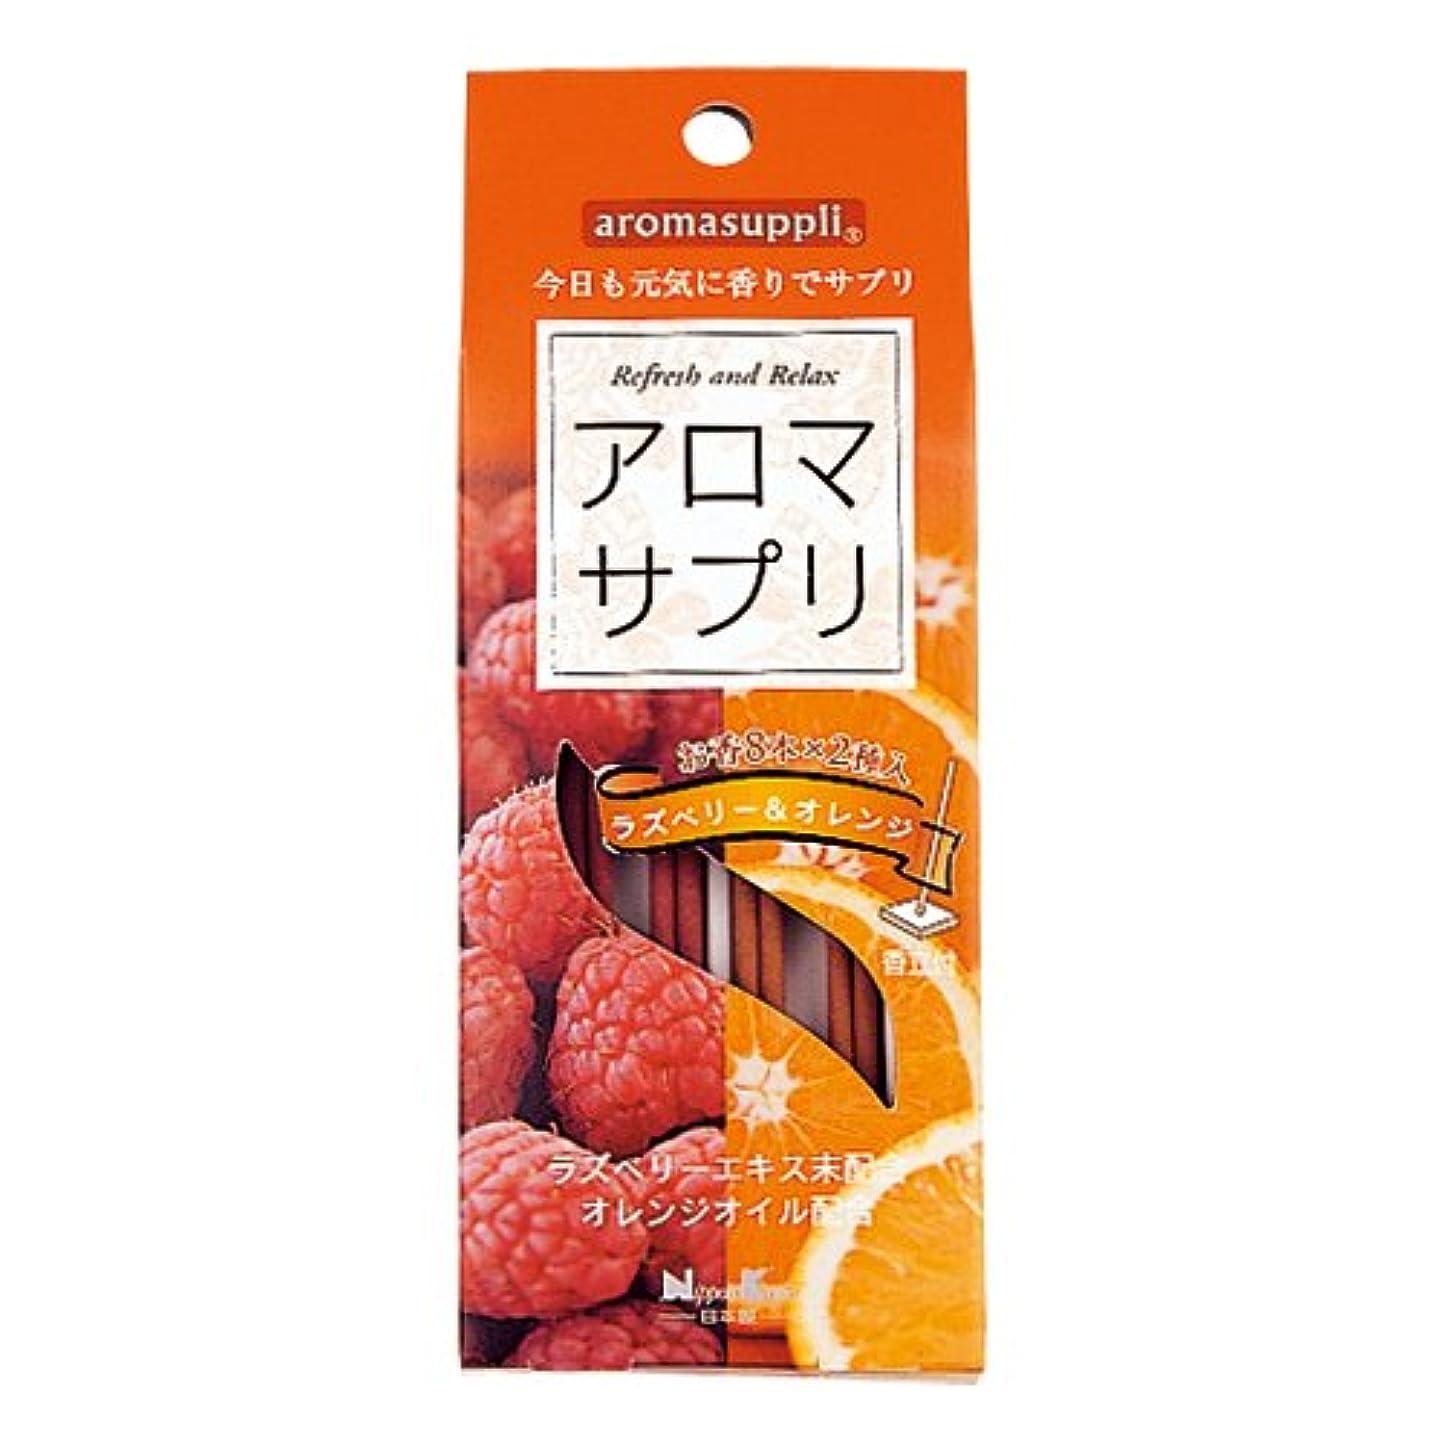 ナチュラル鏡罹患率【X5個セット】 アロマサプリ ラズベリー&オレンジ 8本入×2種